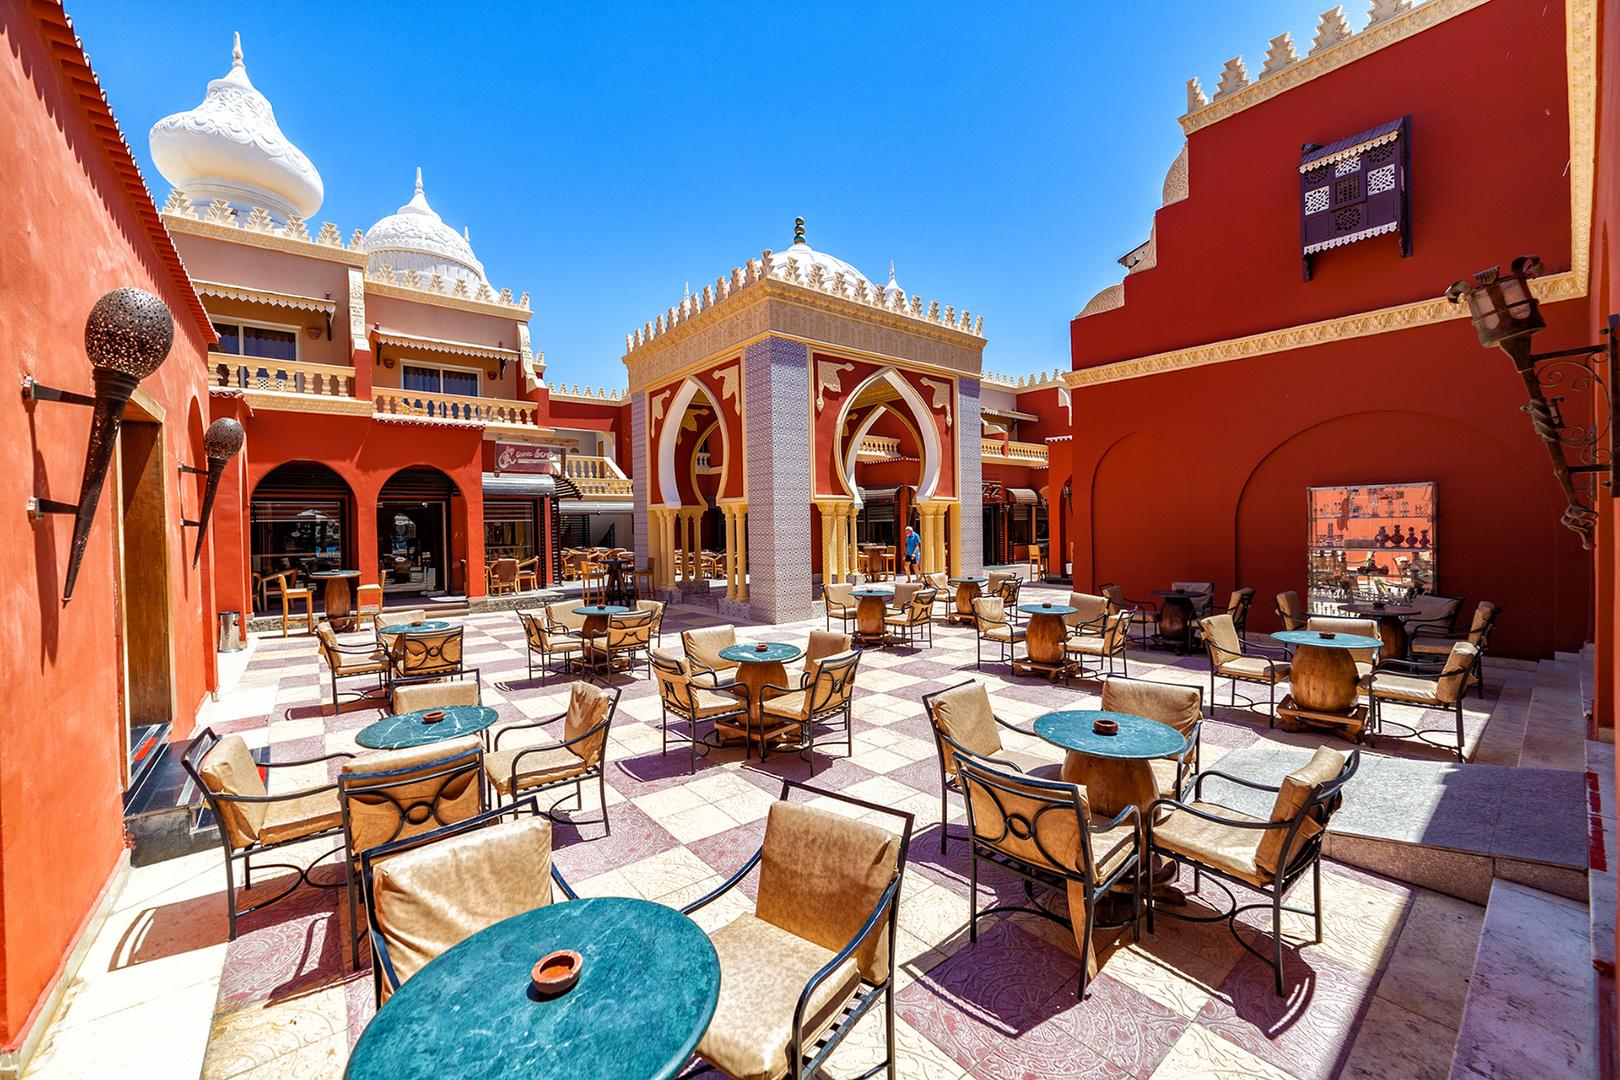 alf leila wa leila 1001 nacht hotel 6 foto bild africa egypt north africa bilder auf. Black Bedroom Furniture Sets. Home Design Ideas